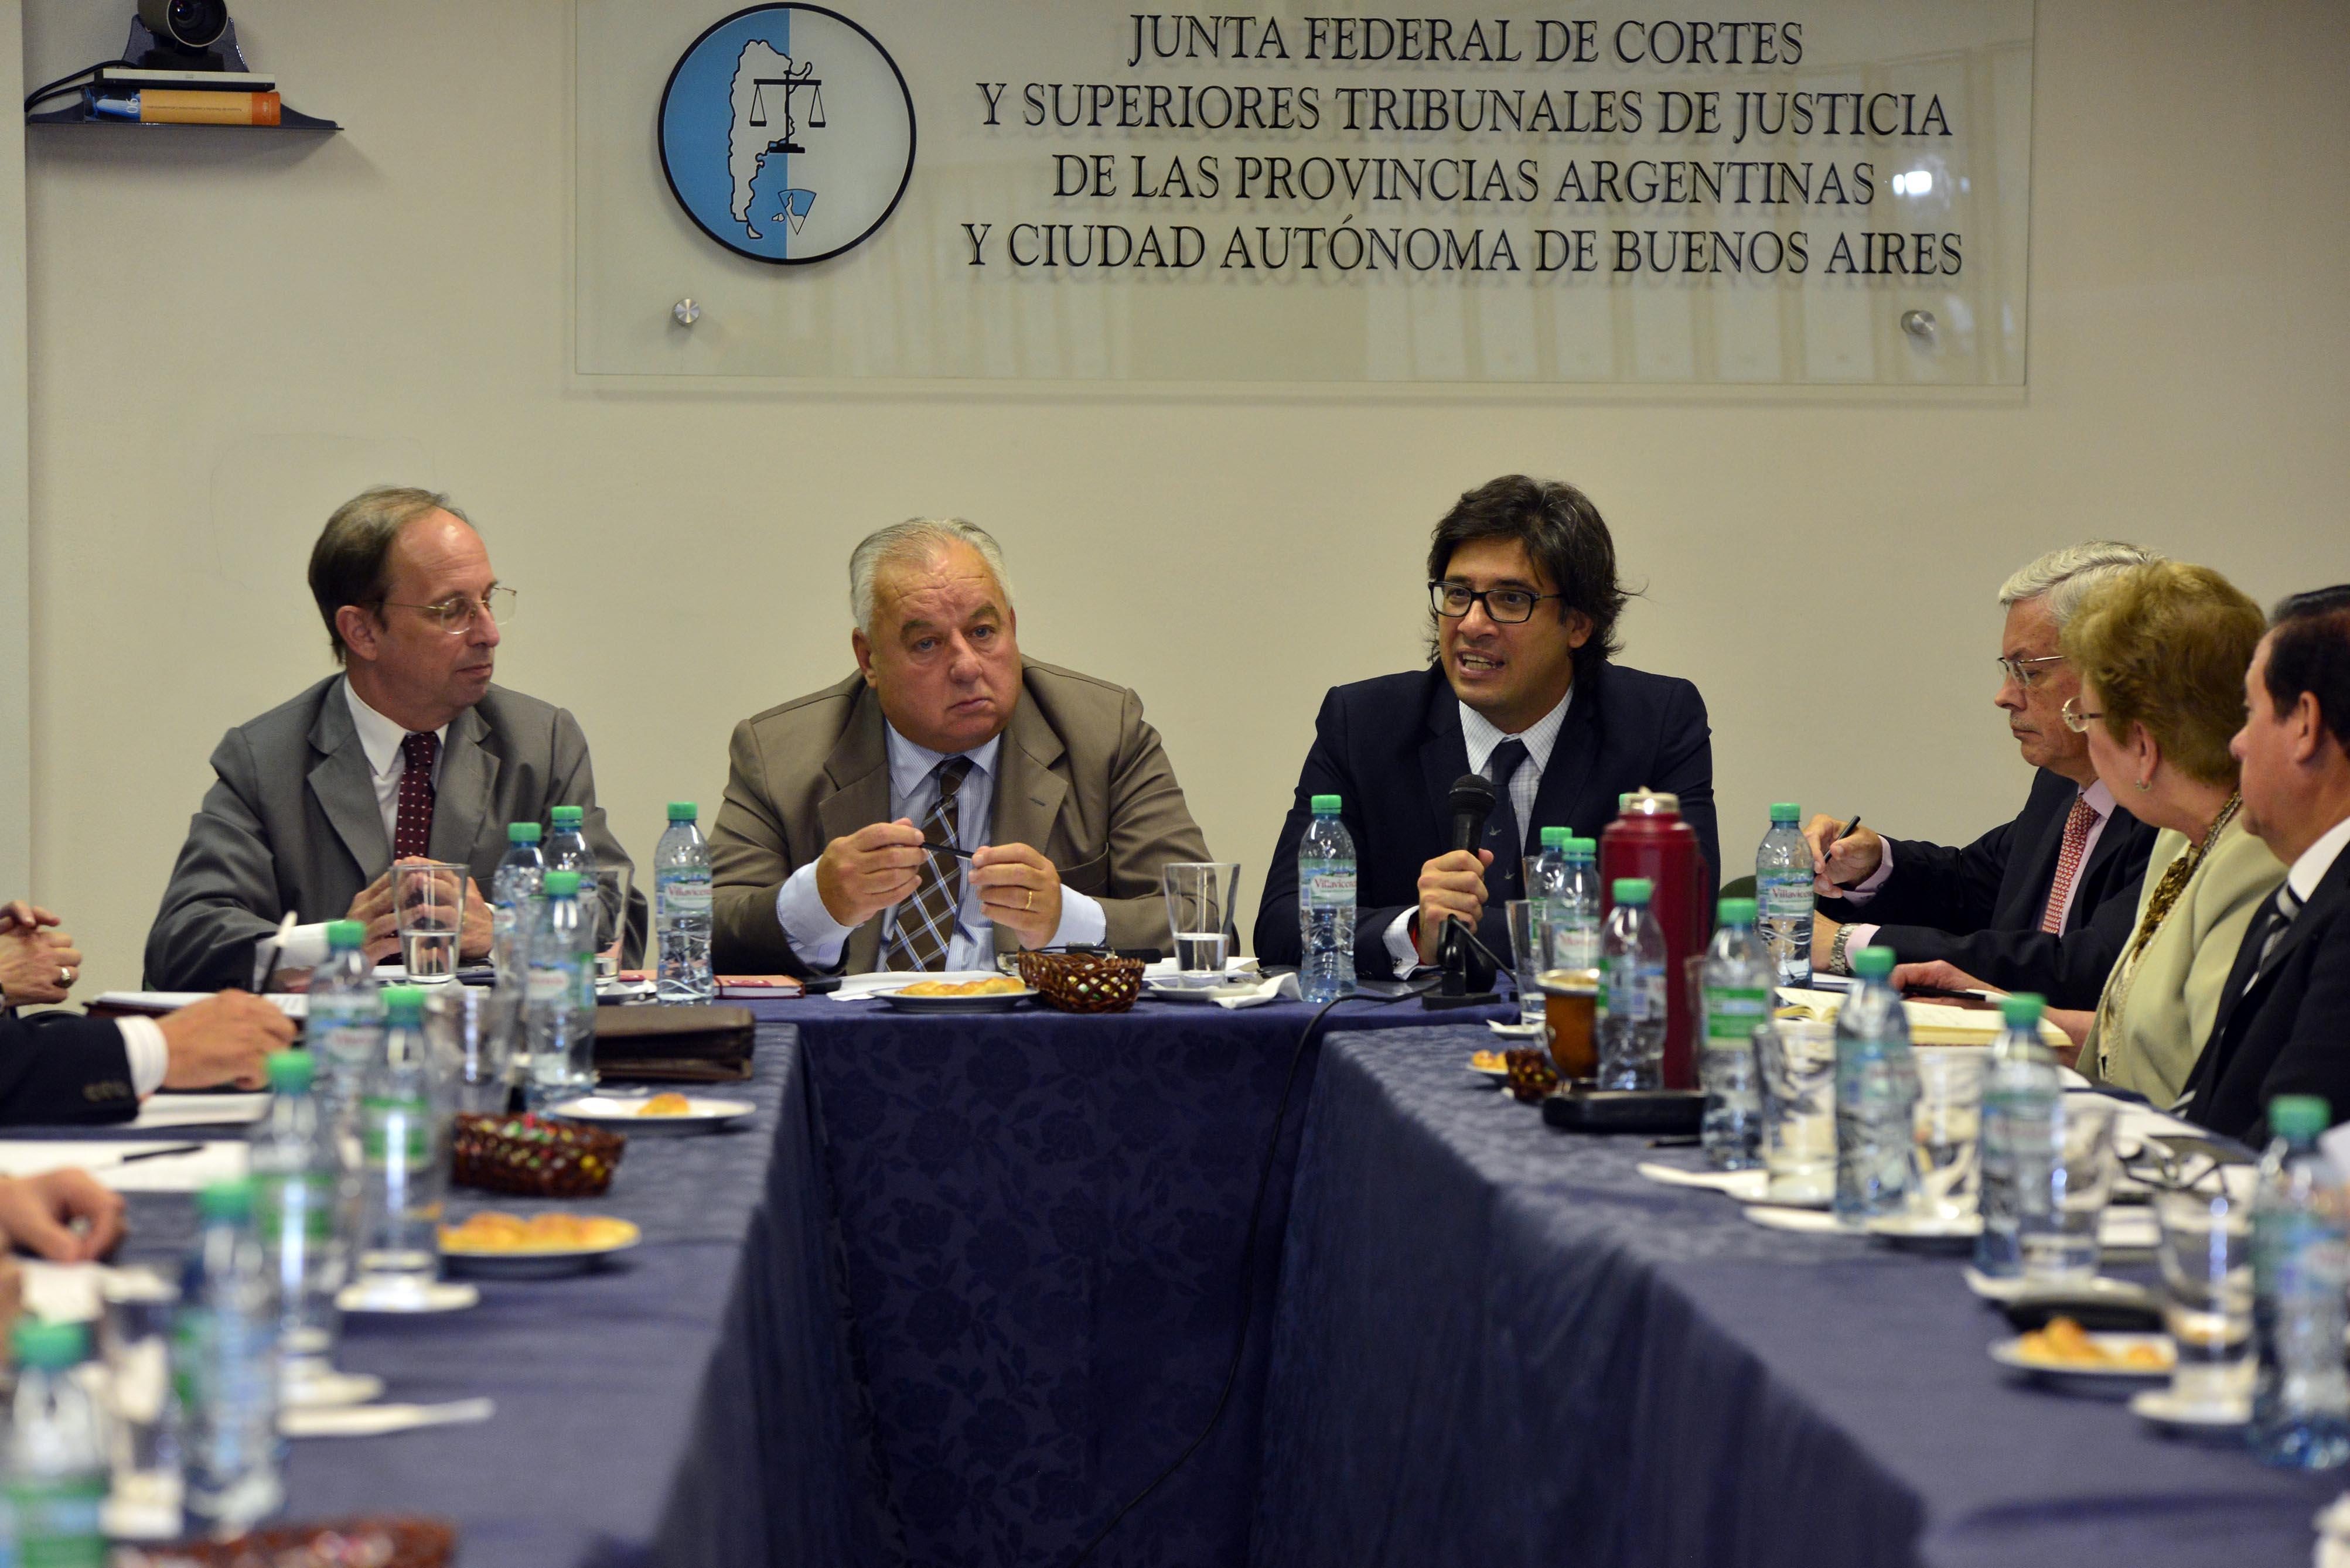 Garavano visitó a la Junta Federal de Cortes